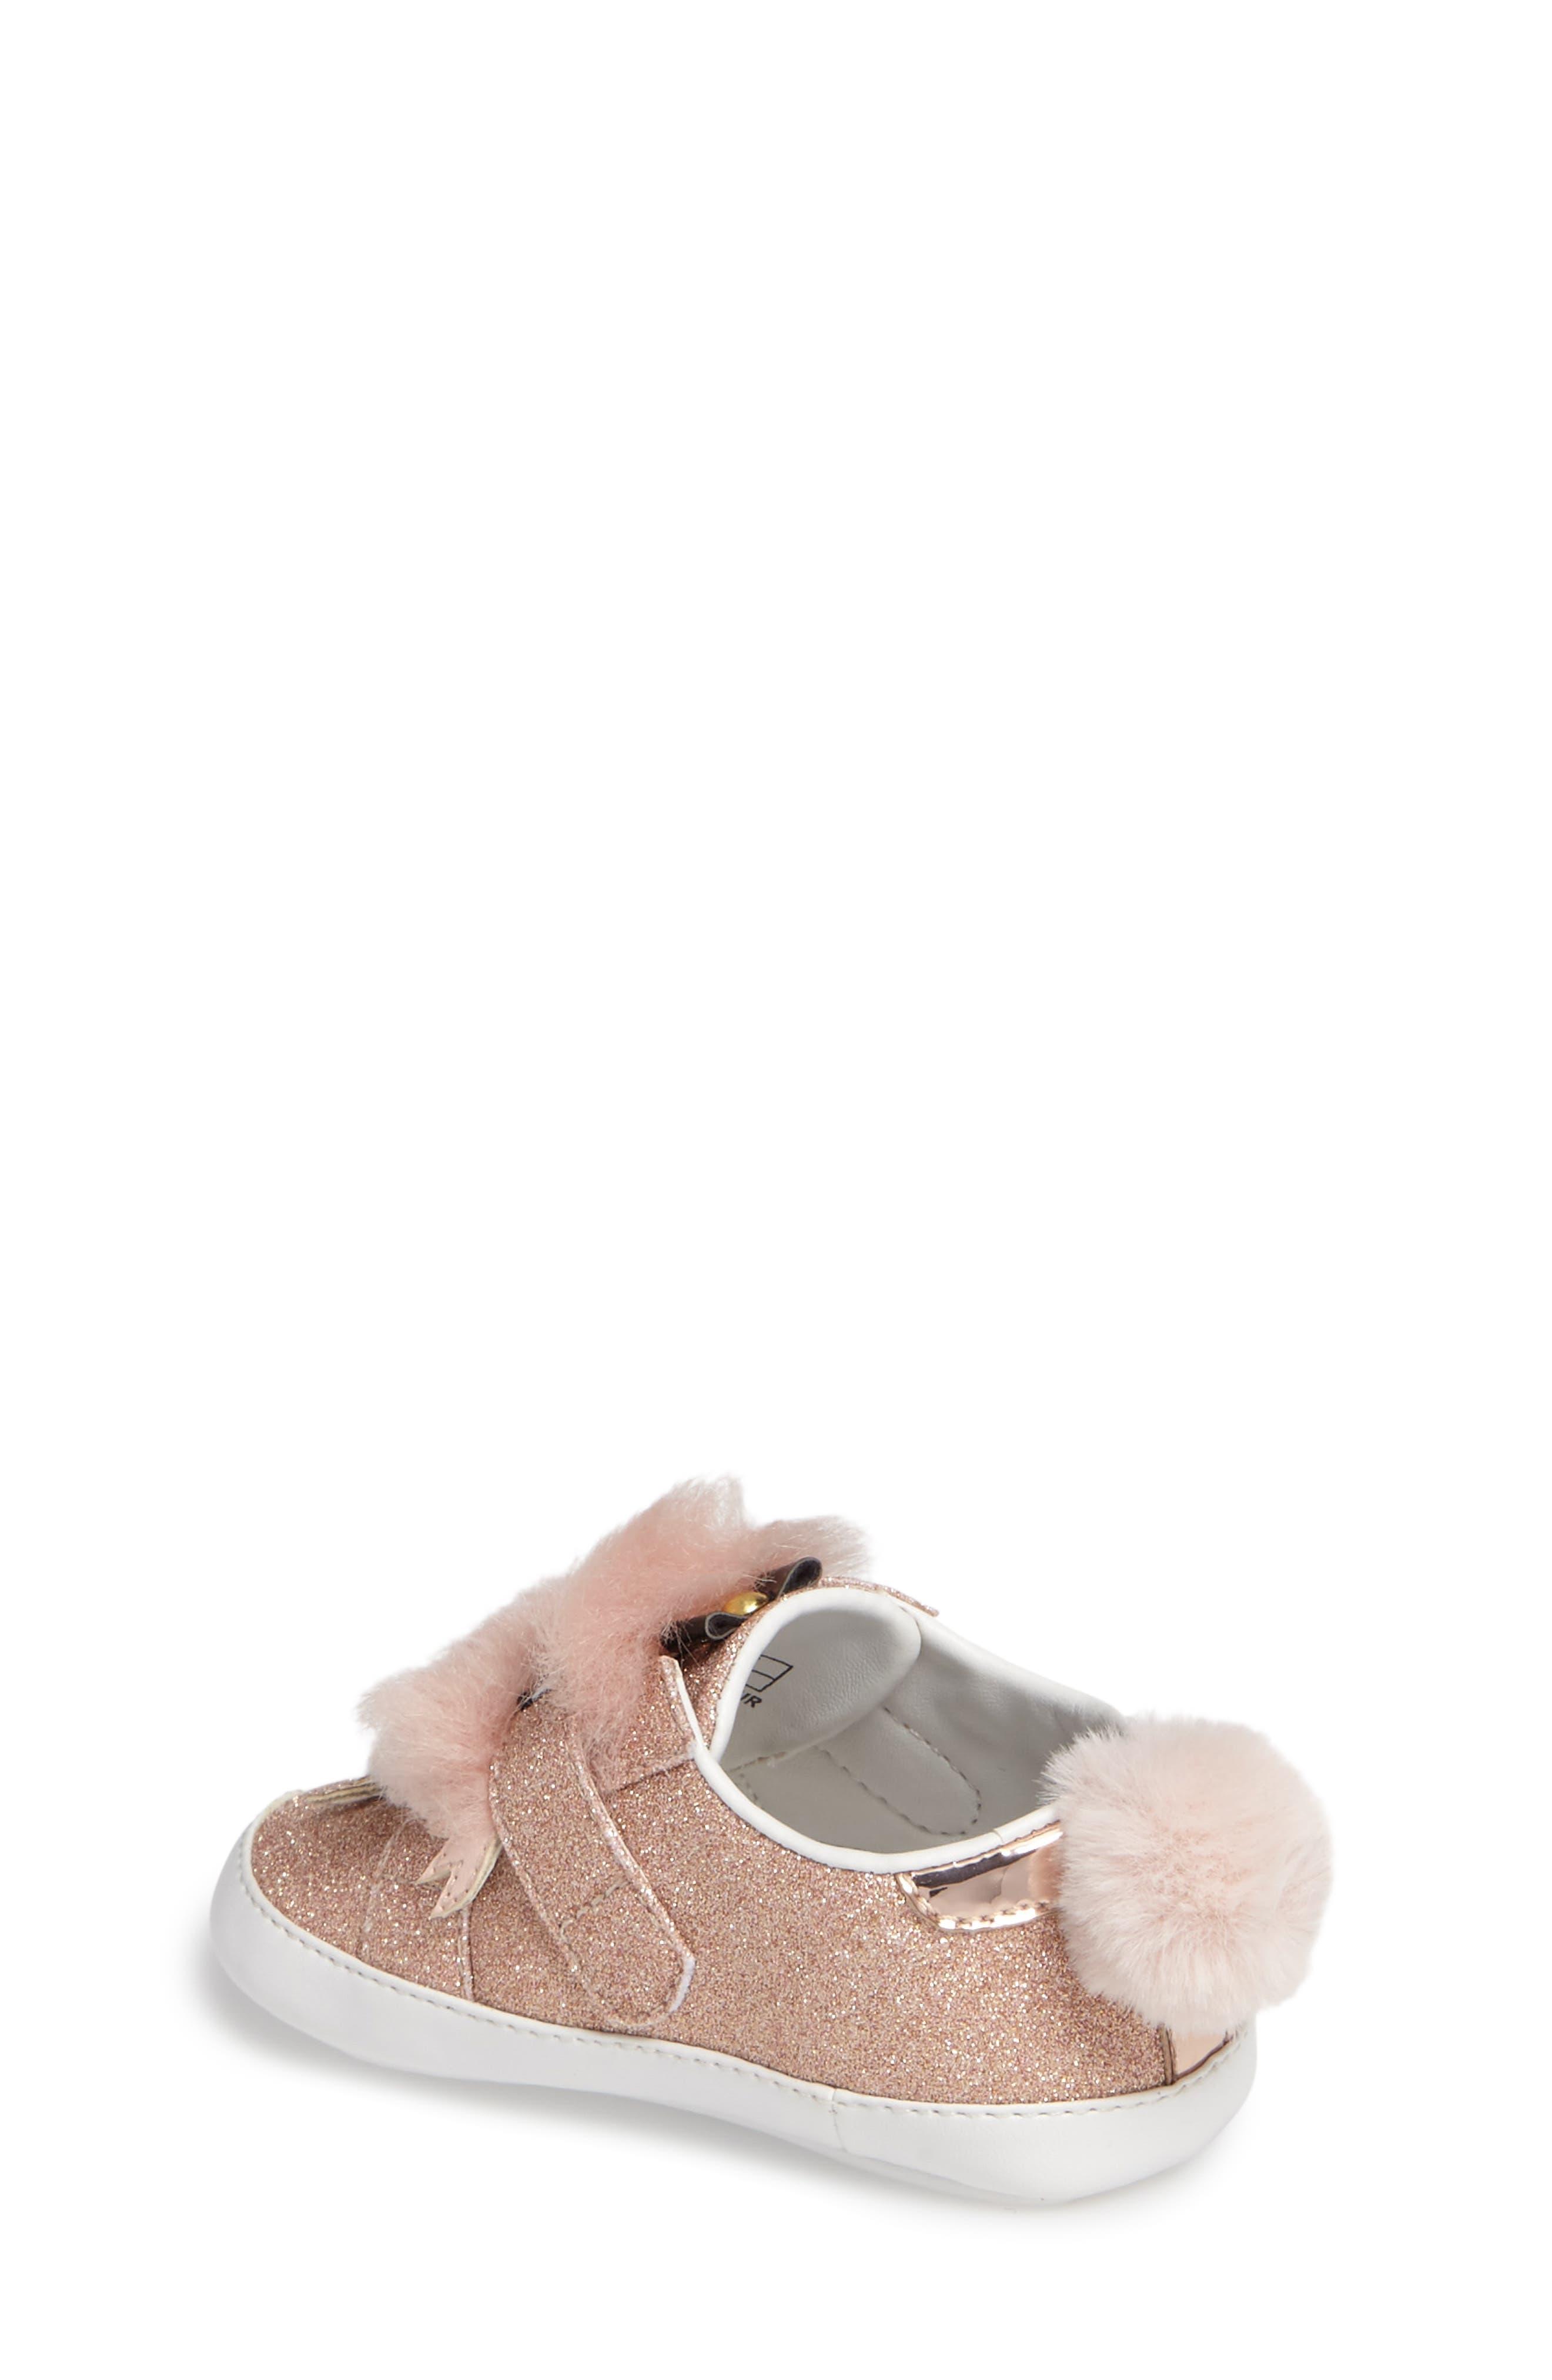 Ovee Sneaker,                             Alternate thumbnail 2, color,                             Rose